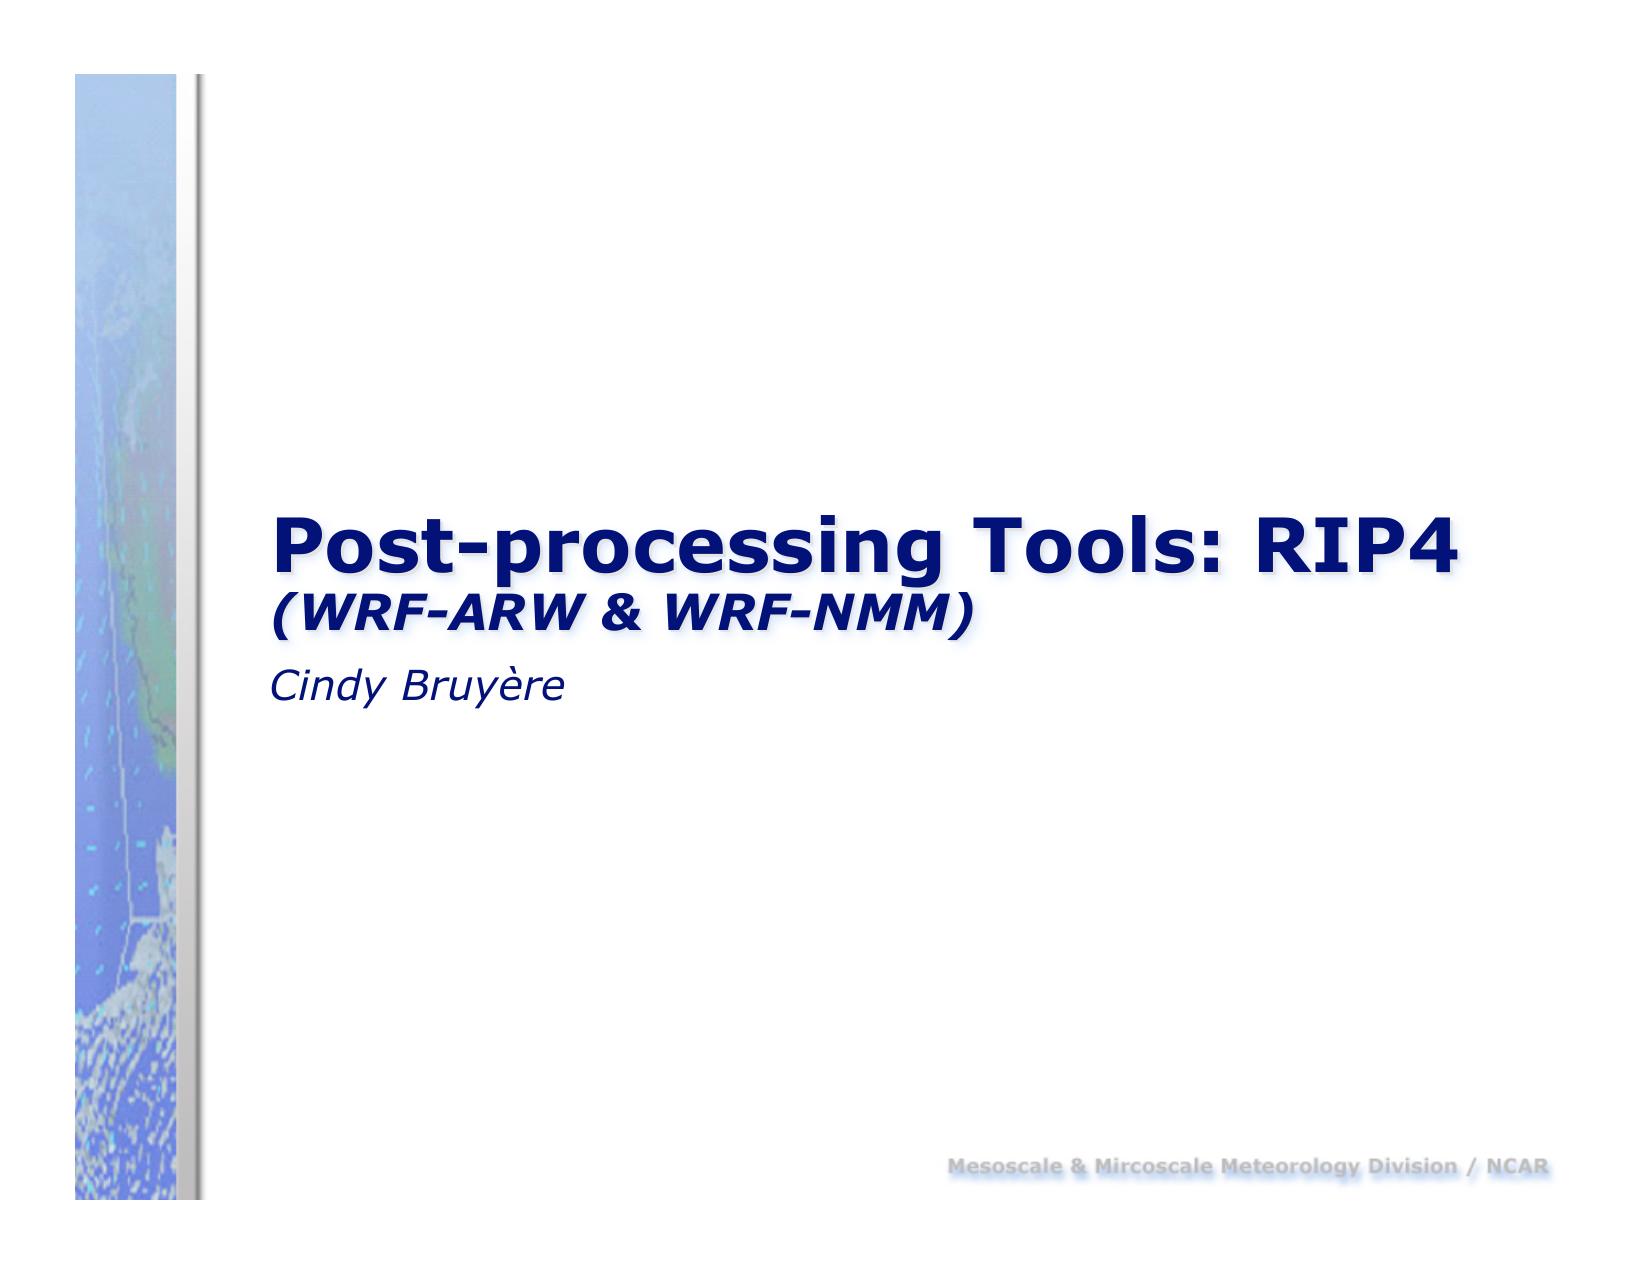 Post-processing Tools: RIP4   manualzz com